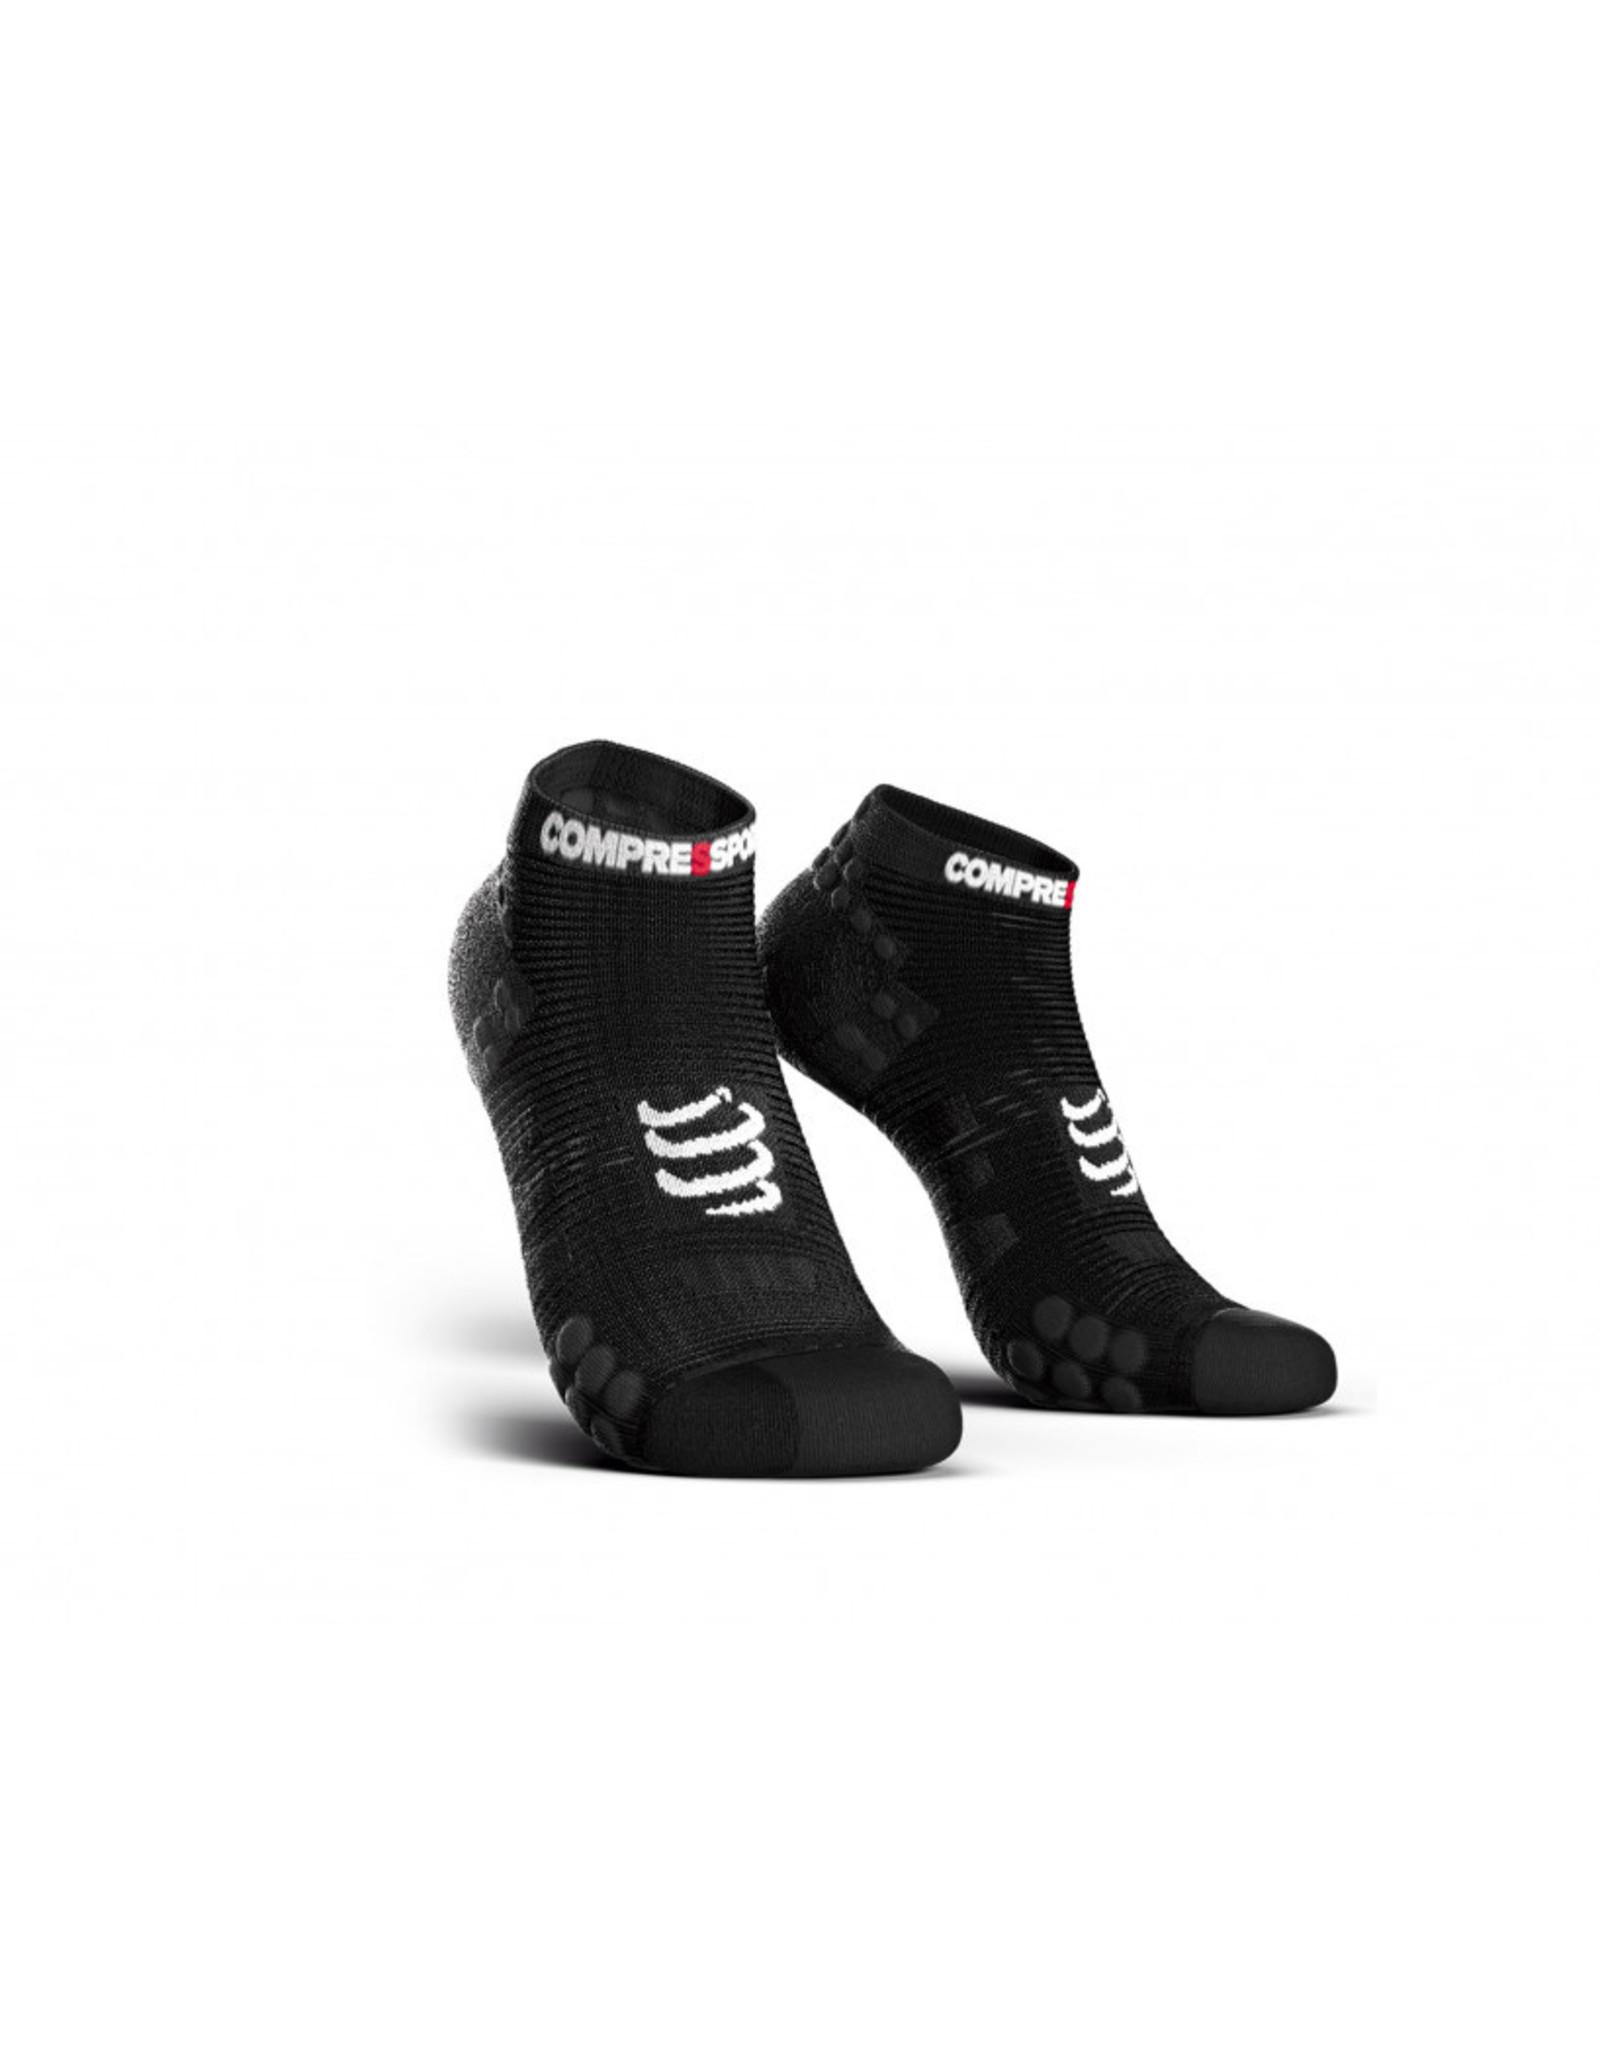 Compressport Pro Racing Socks V3.0 Run Low Chaussettes De Running Bas - Noir